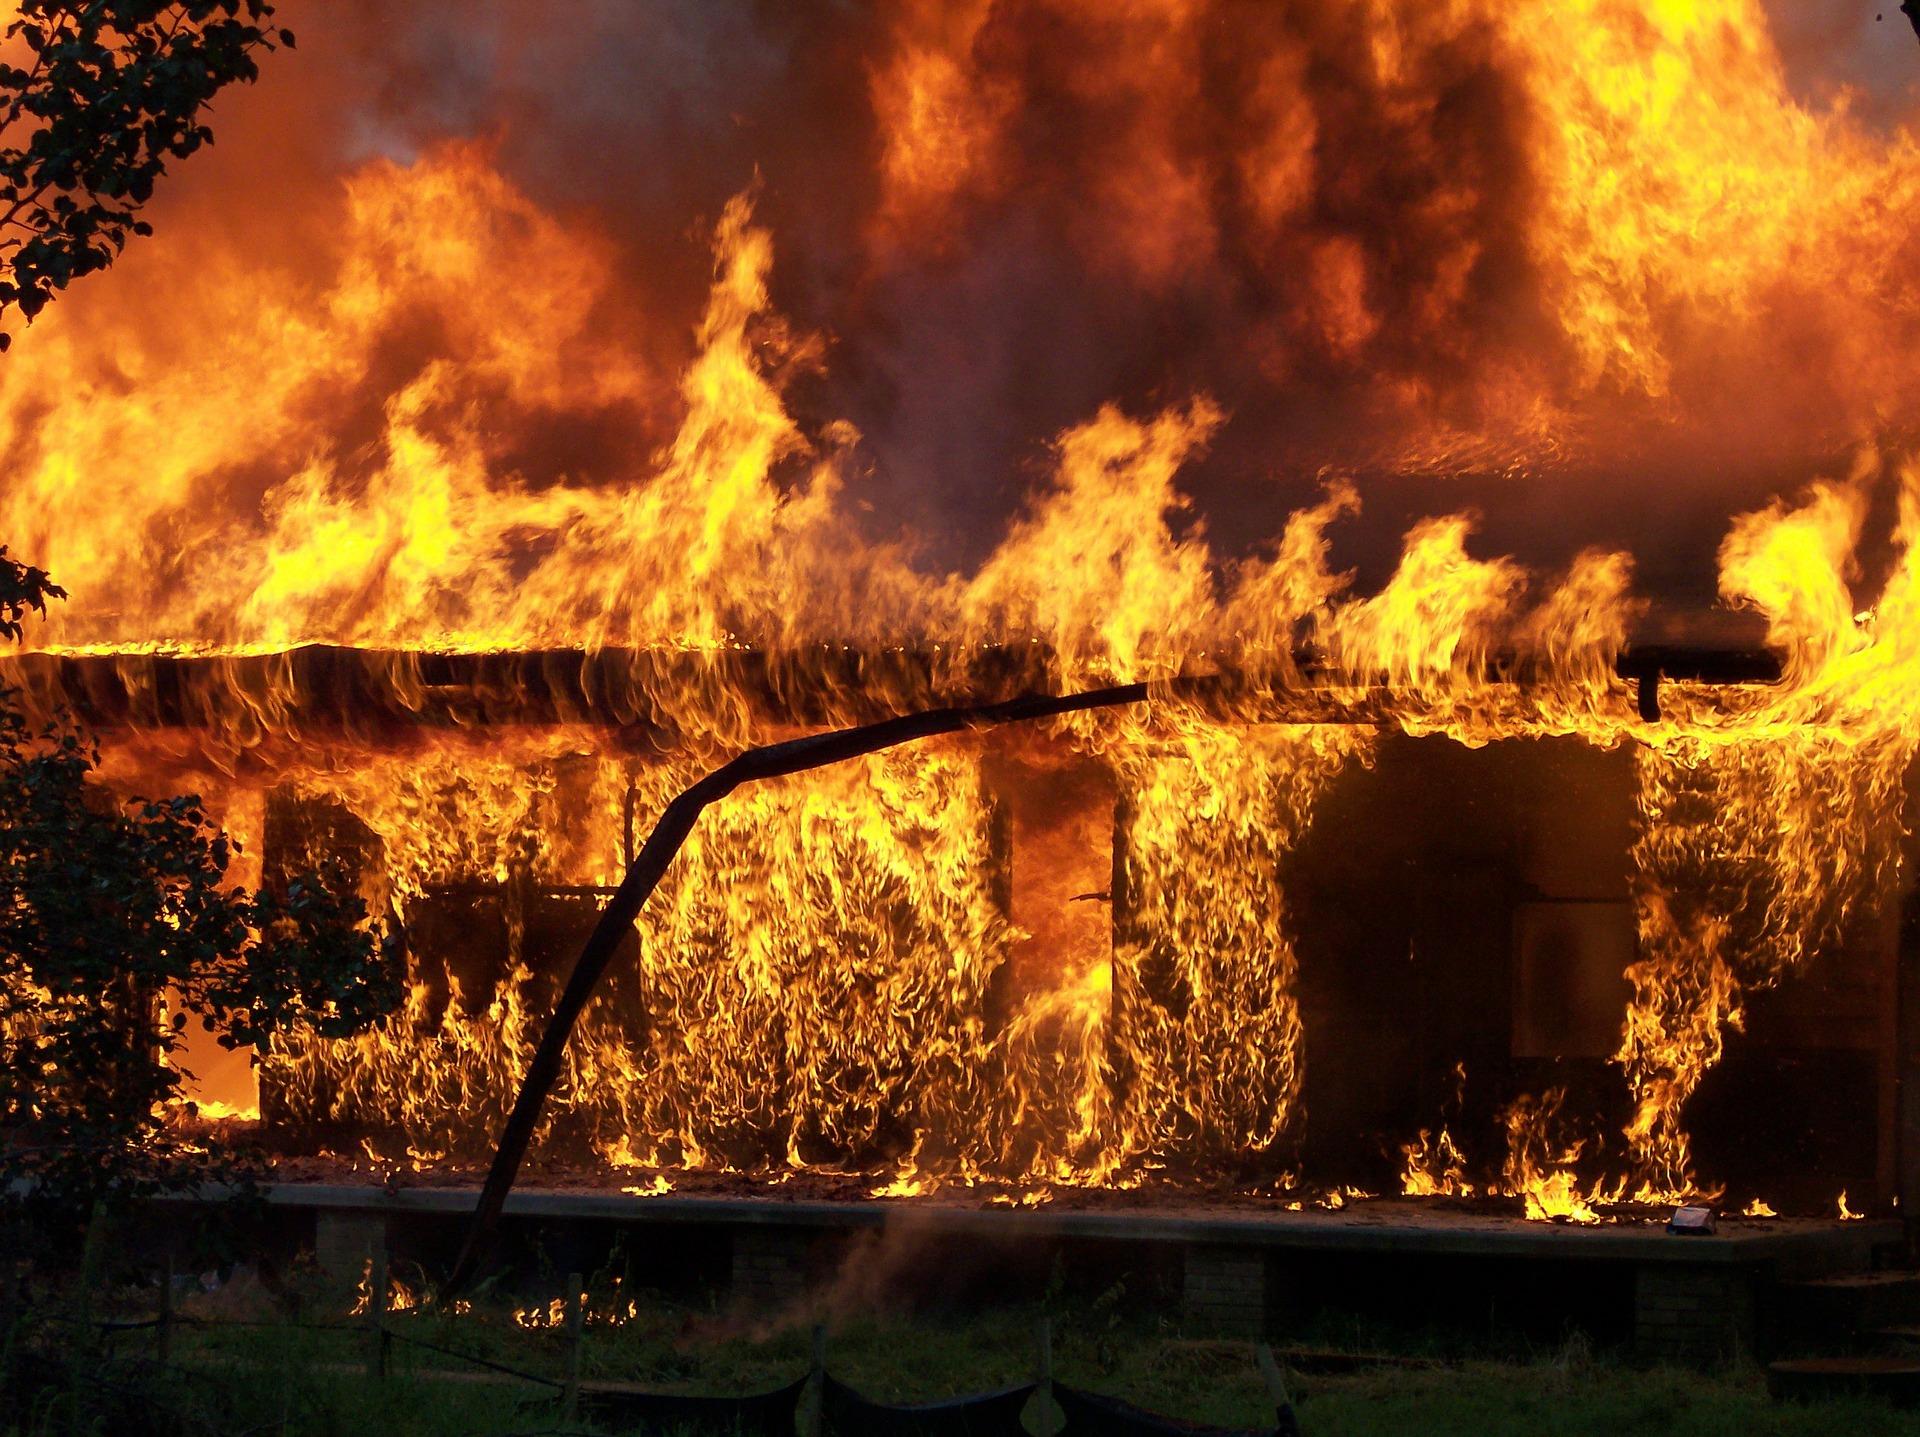 10 pasos a seguir para usar un extintor en caso de emergencia